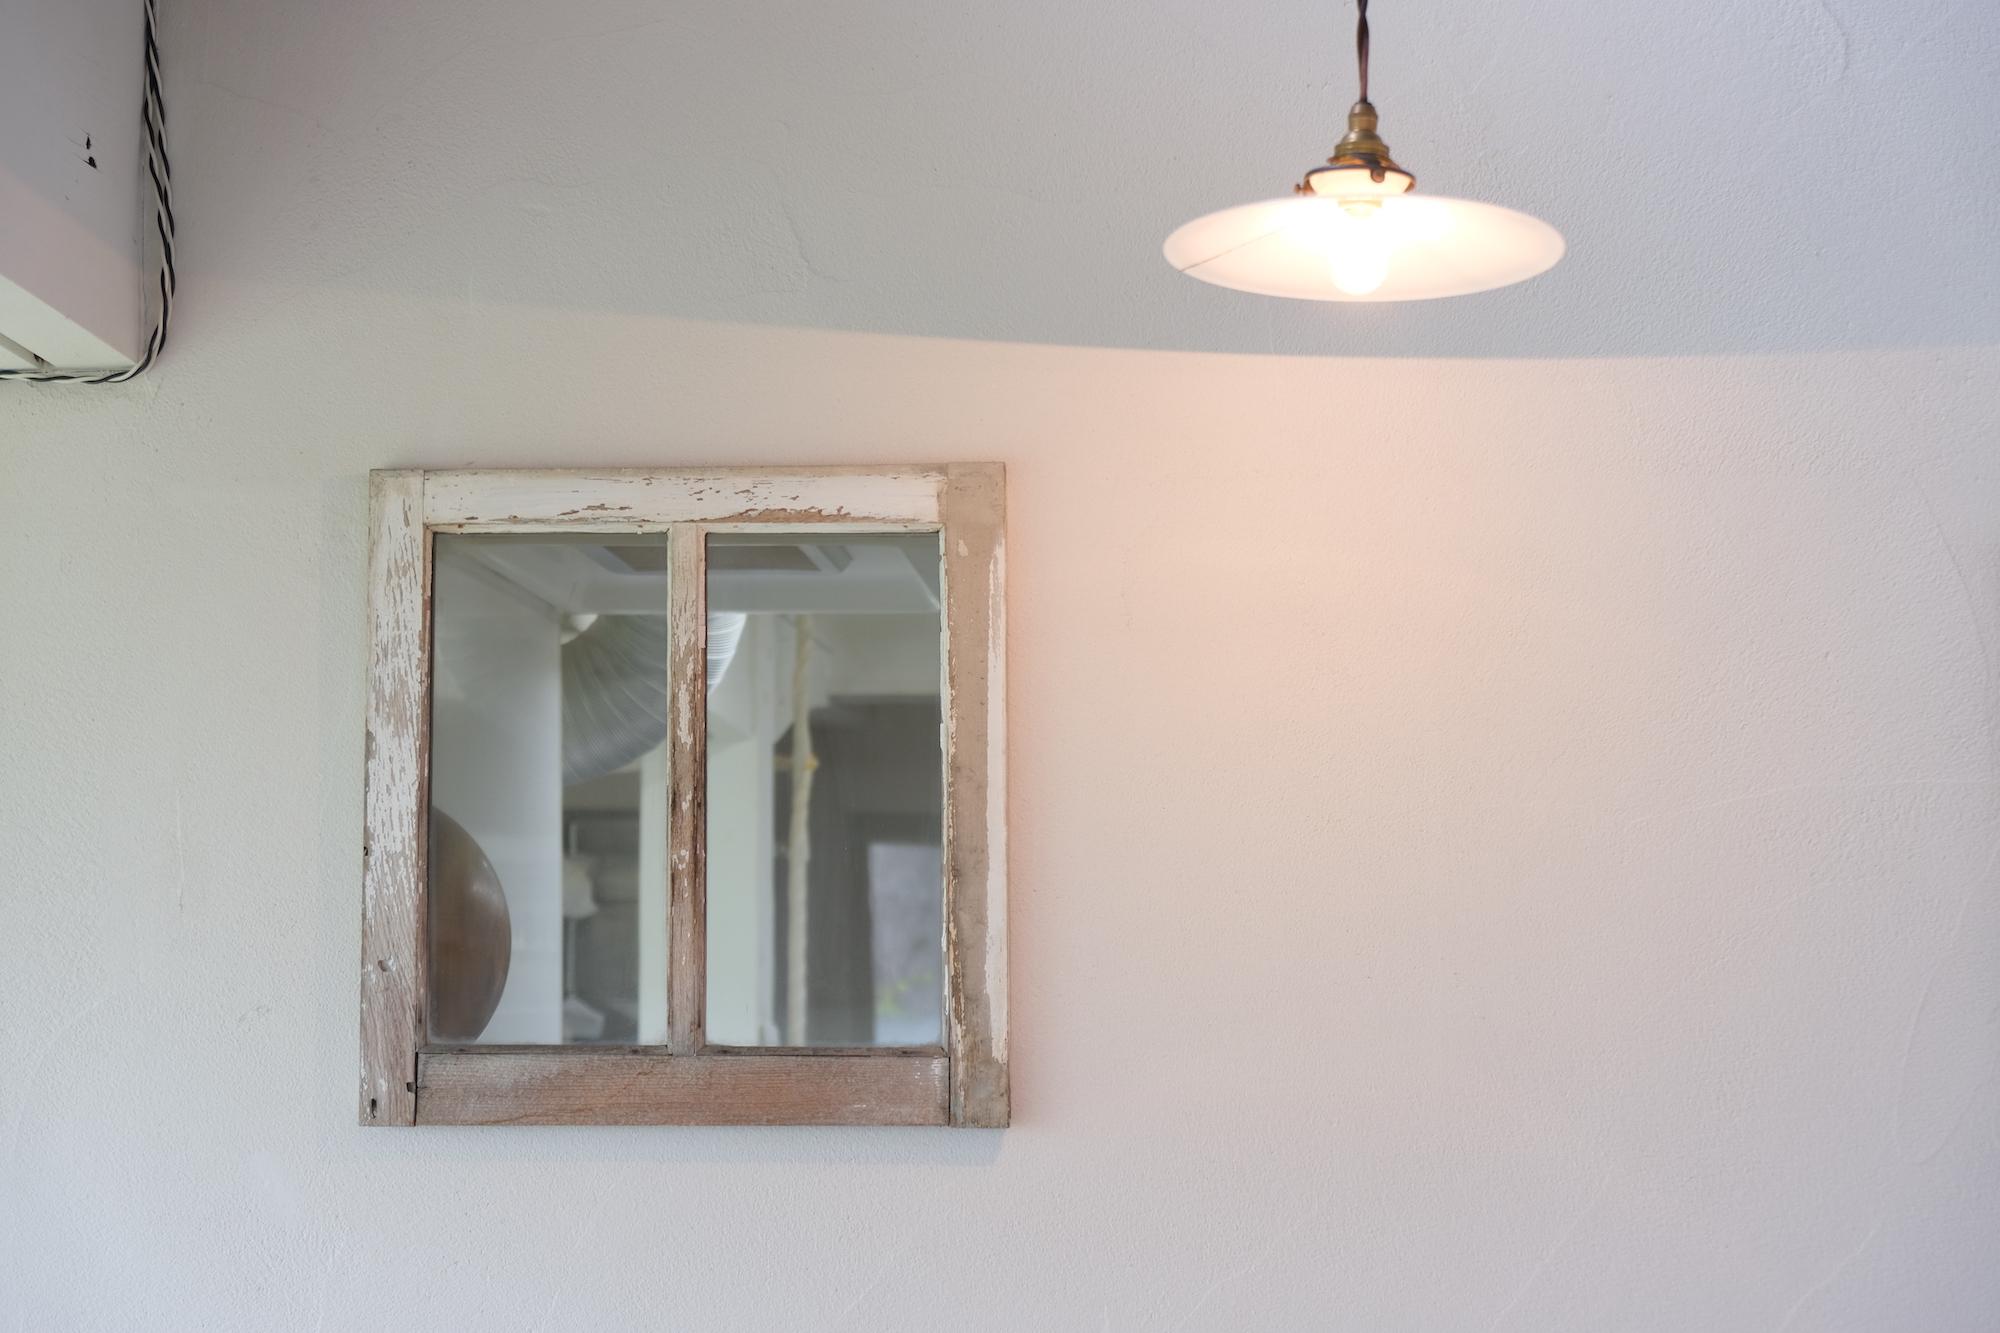 厨房と店内をつなぐ窓